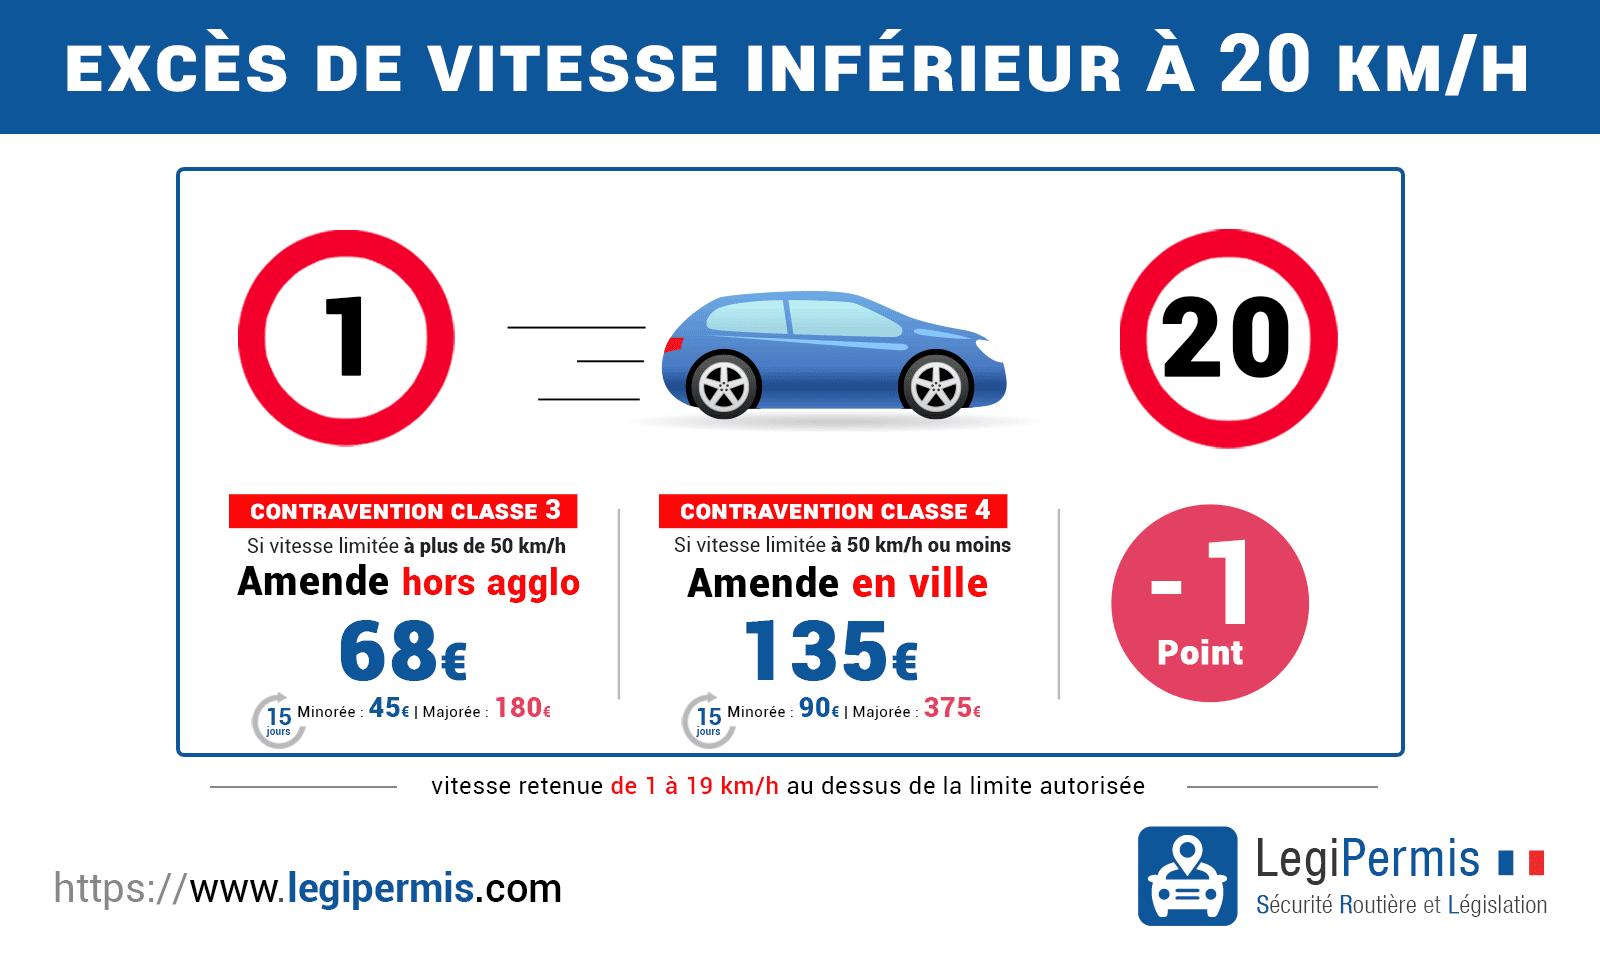 Excès de vitesse inférieur à 20 km/h en ville ou hors agglomération : sanctions, amende et retrait de point